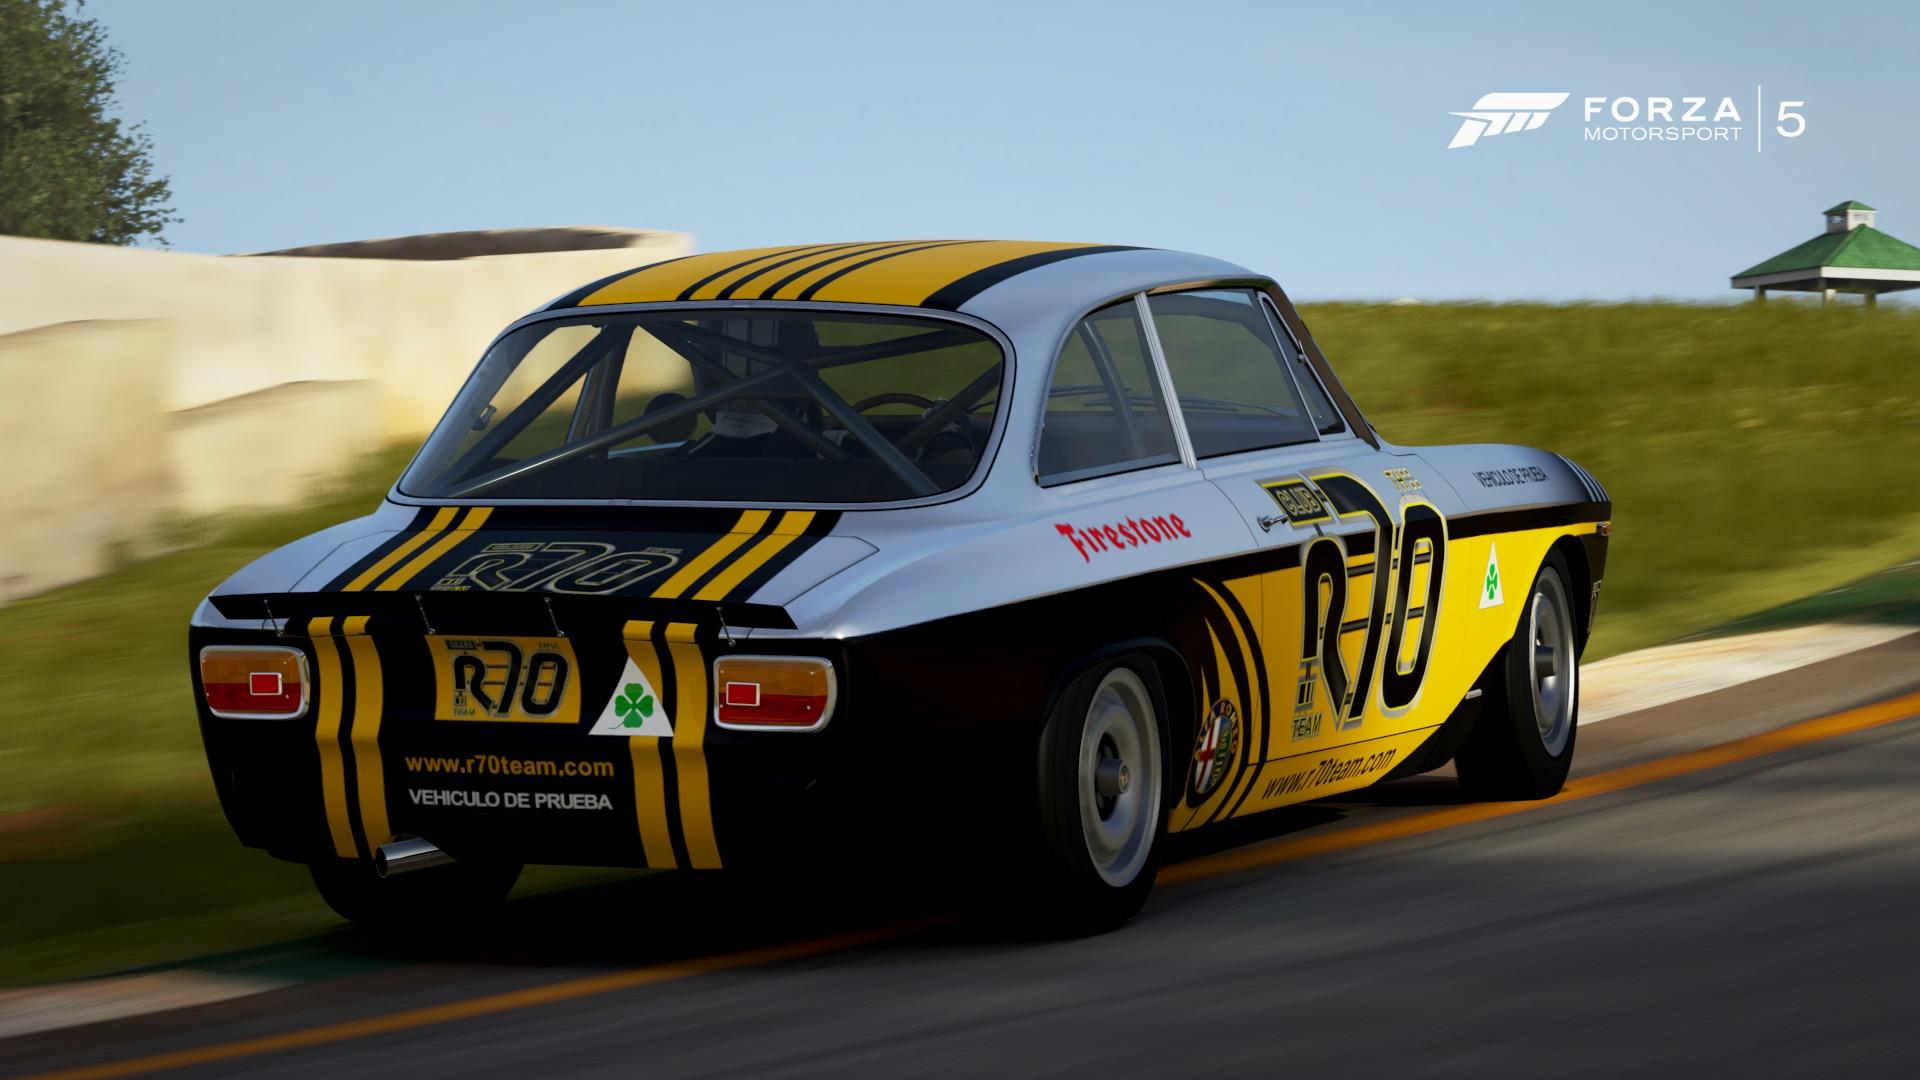 [Pruebas de Acceso] Forza Motorsport 5 - Página 10 Glc1